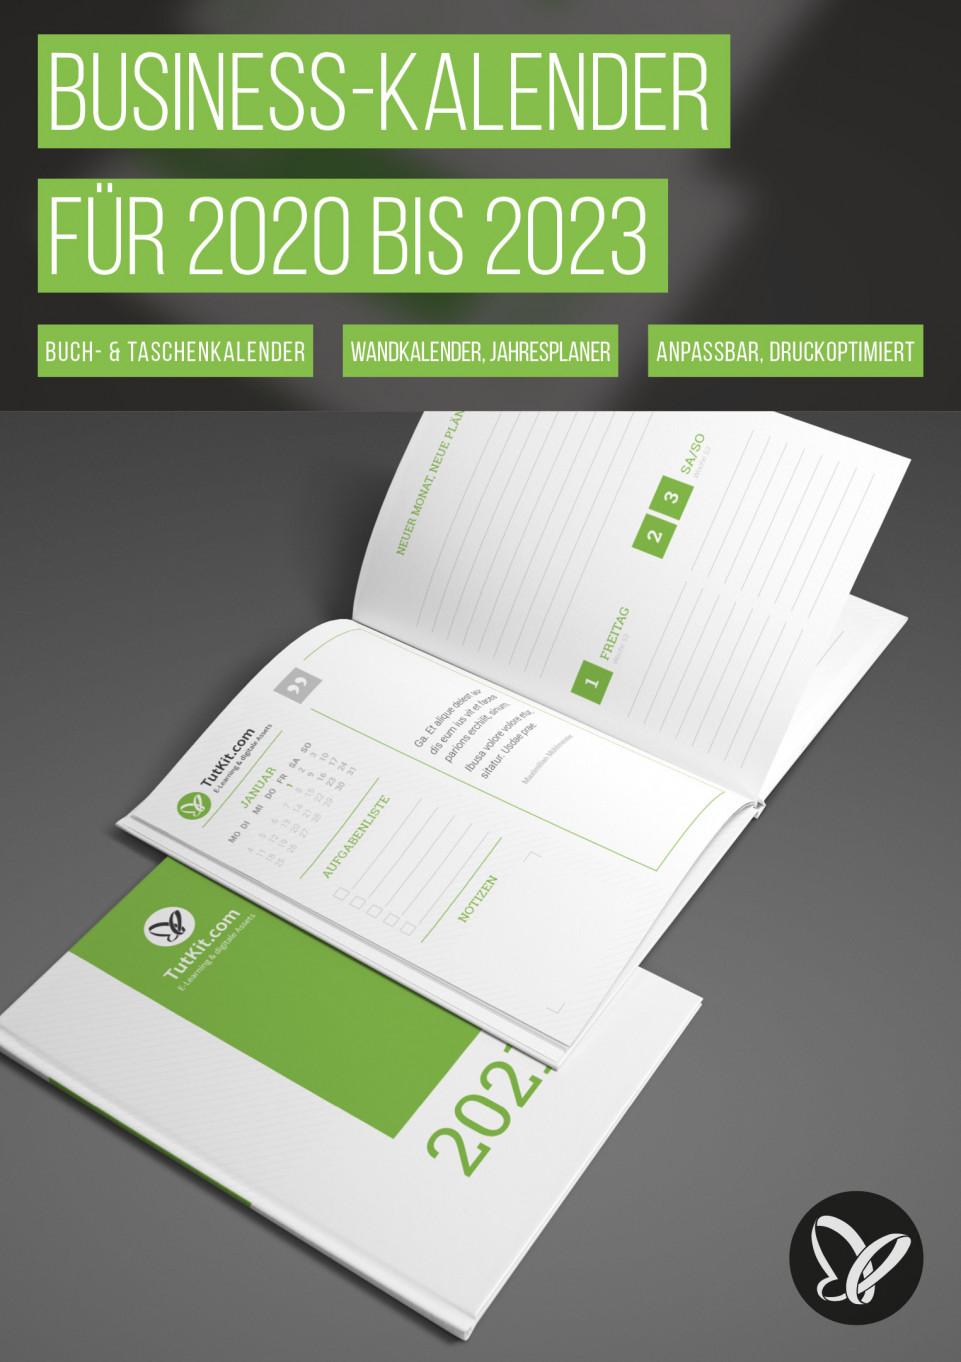 Personalisierte Business-Kalender für 2020, 2021, 2022 und 2023